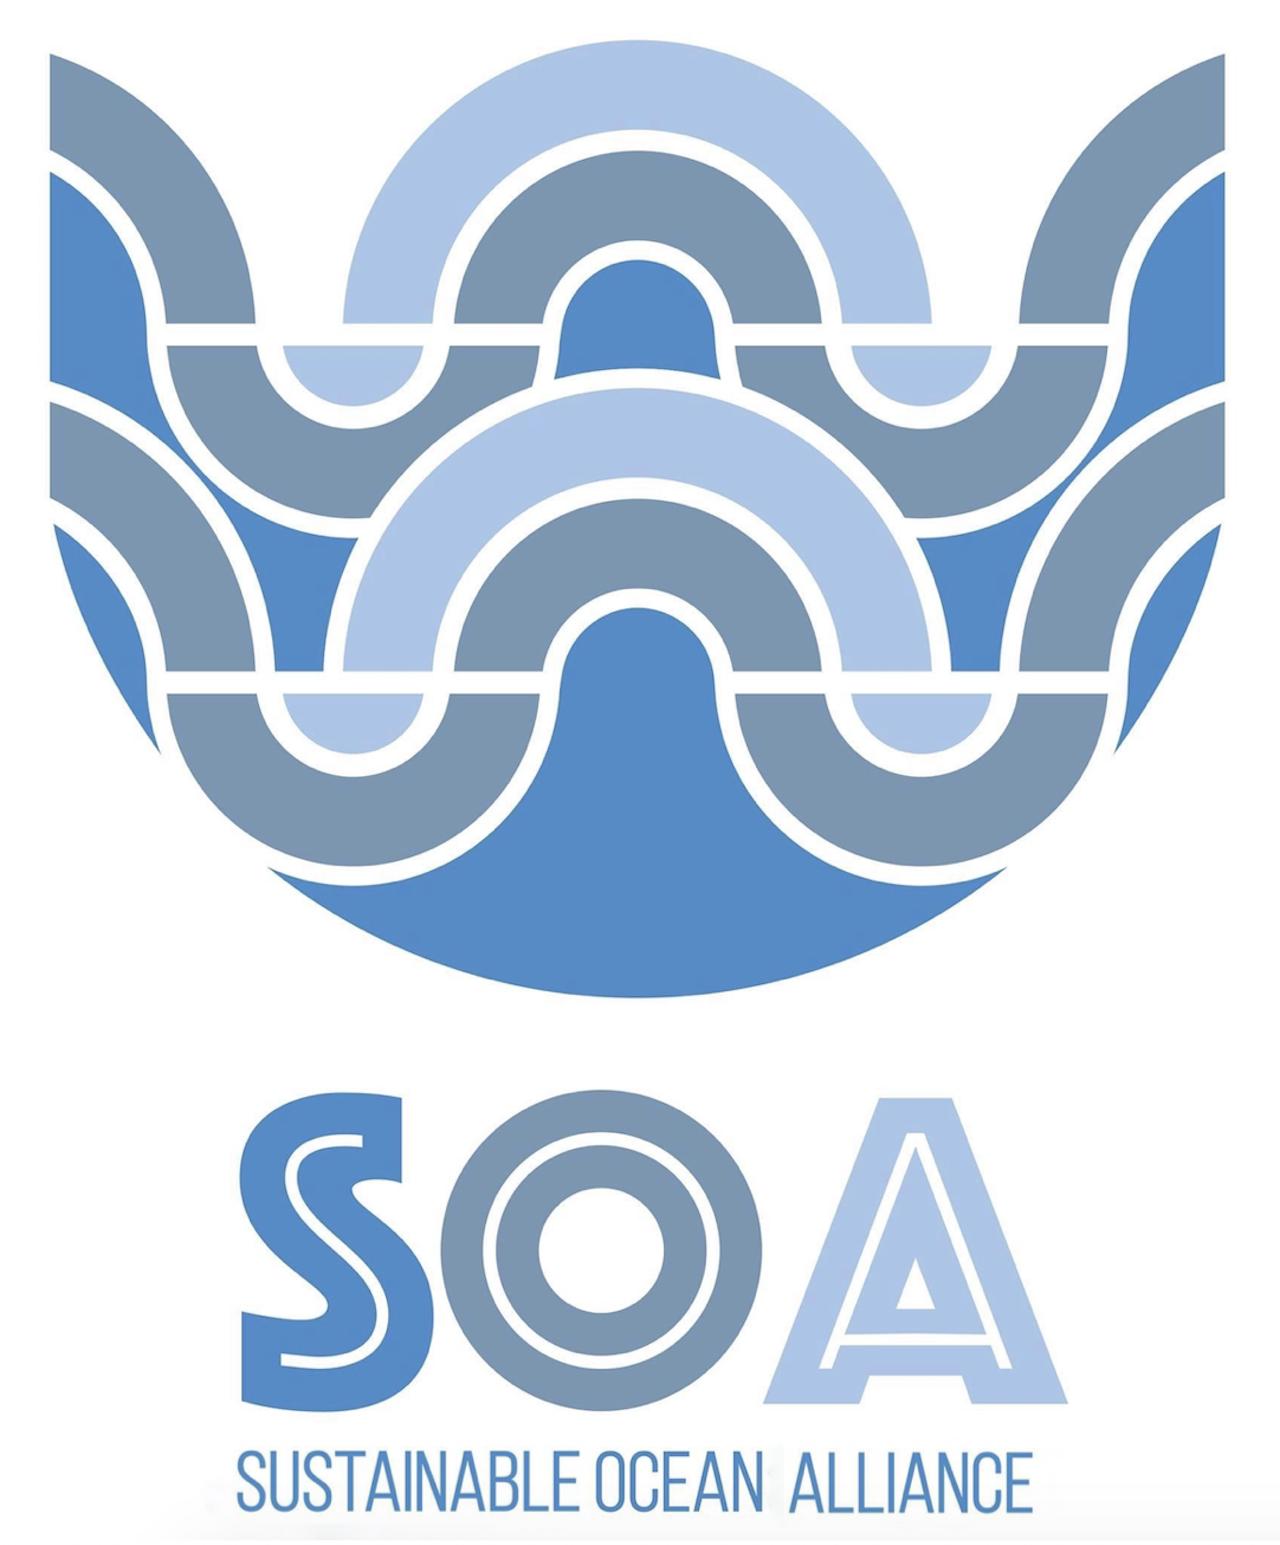 Sustainable Ocean Alliance (SOA) logo